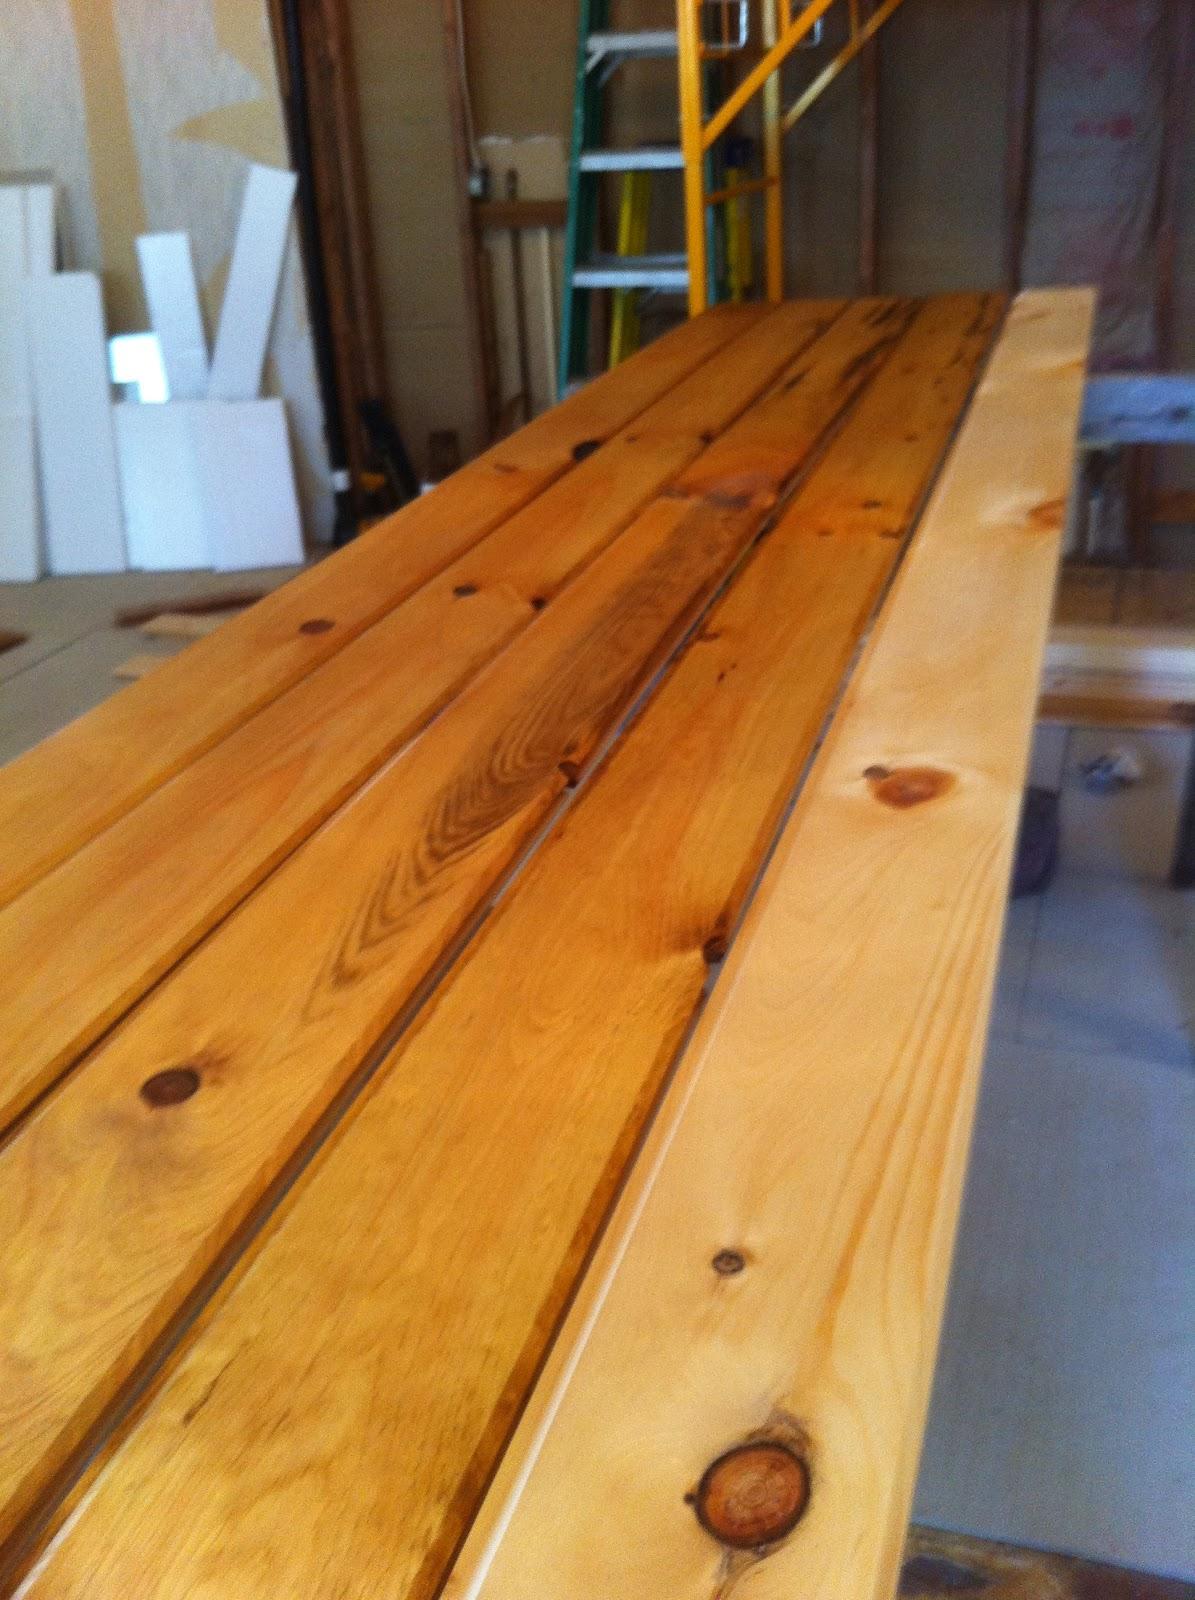 pine car siding lumber